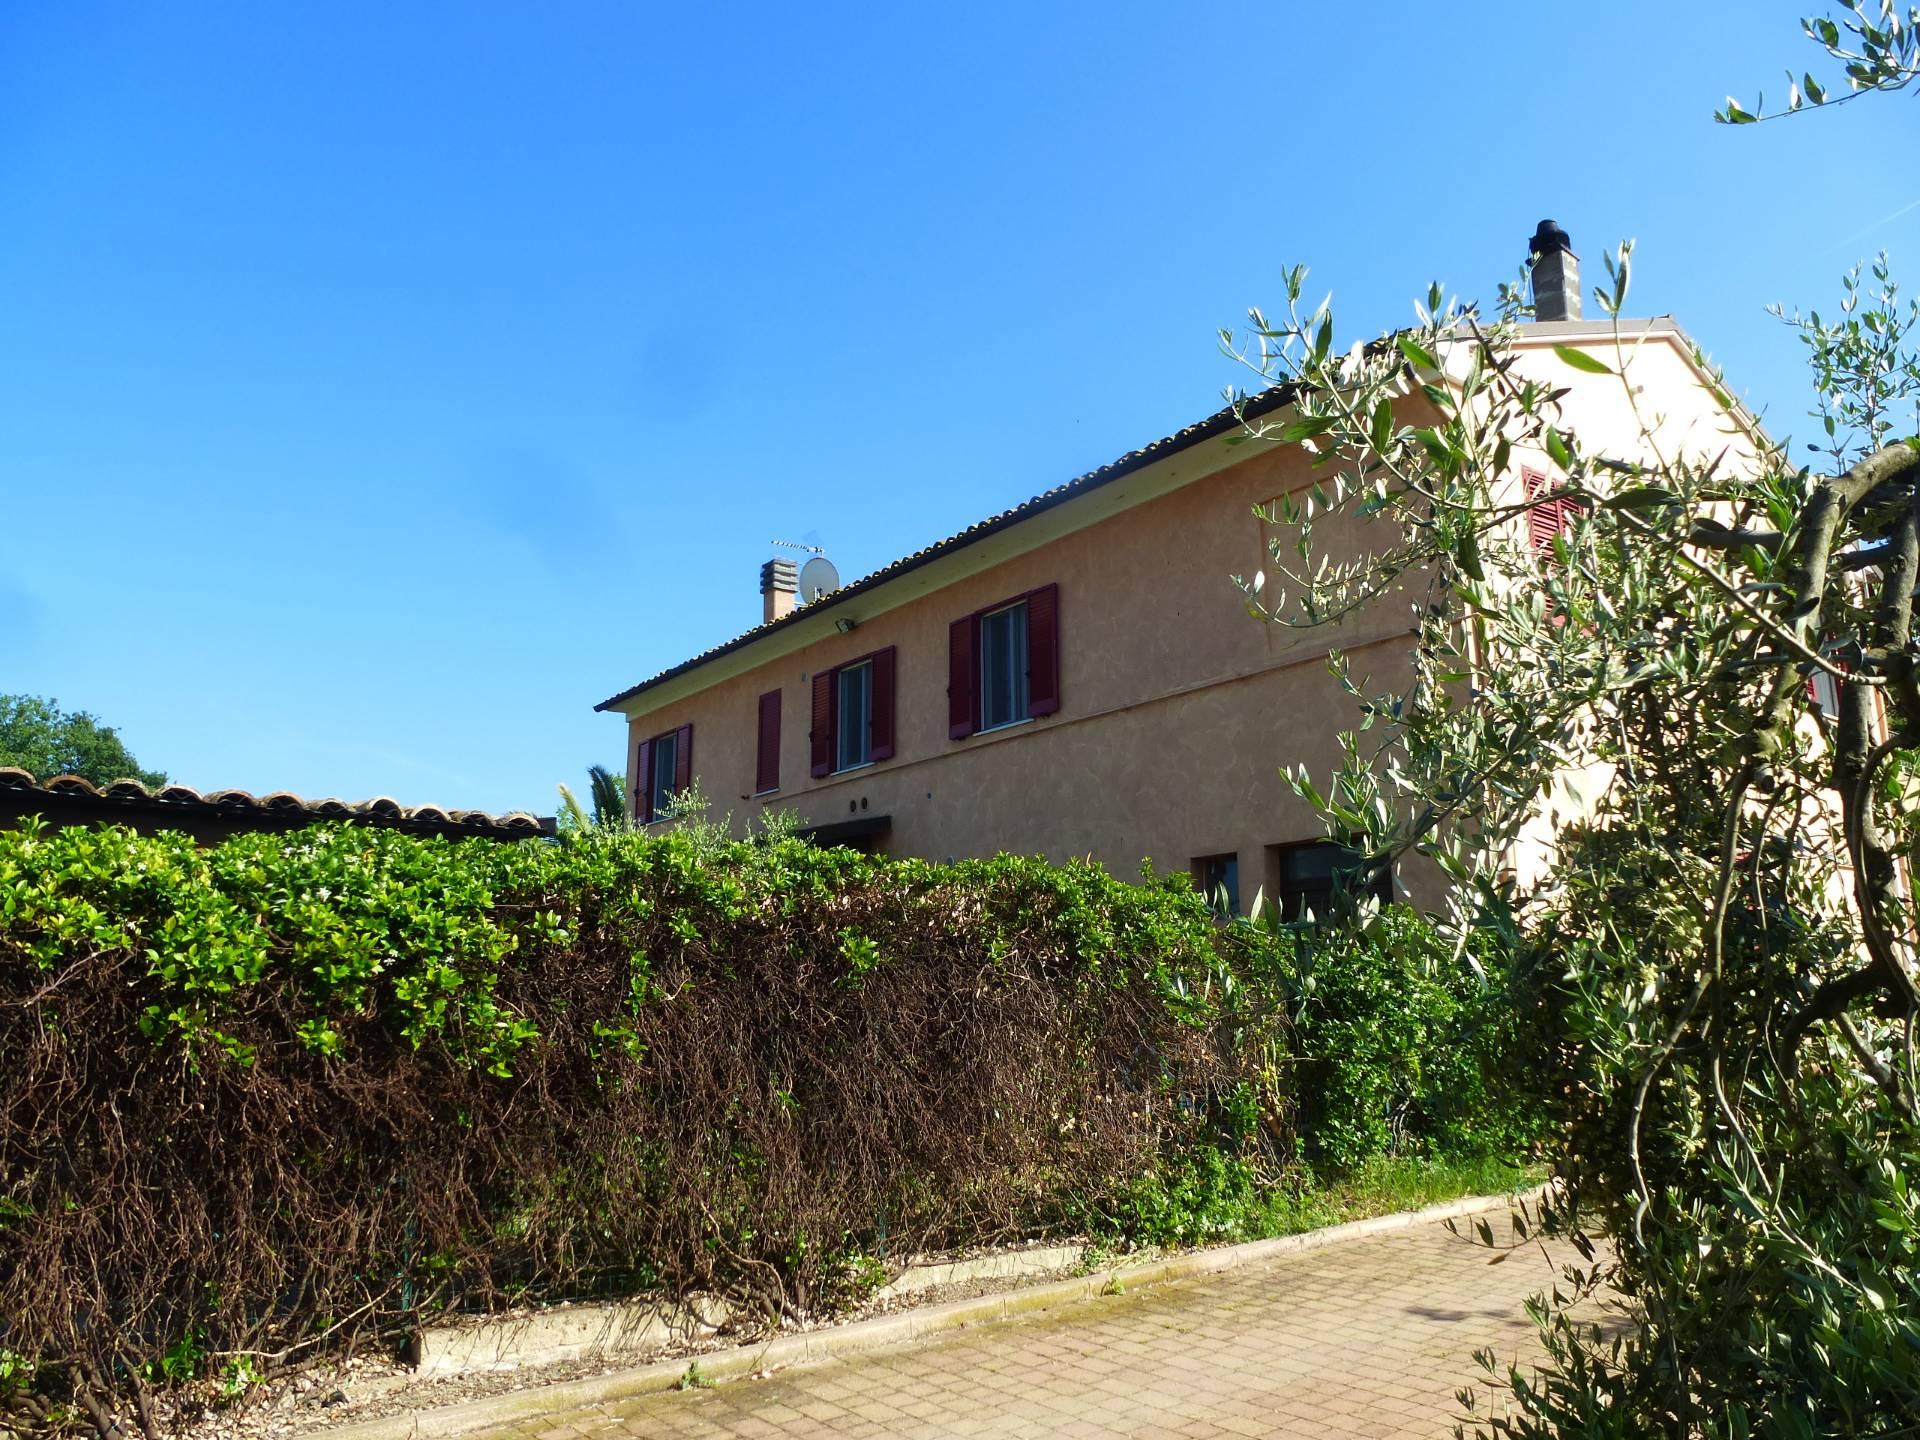 Casa Semindipendente a Morrovalle (Macerata)